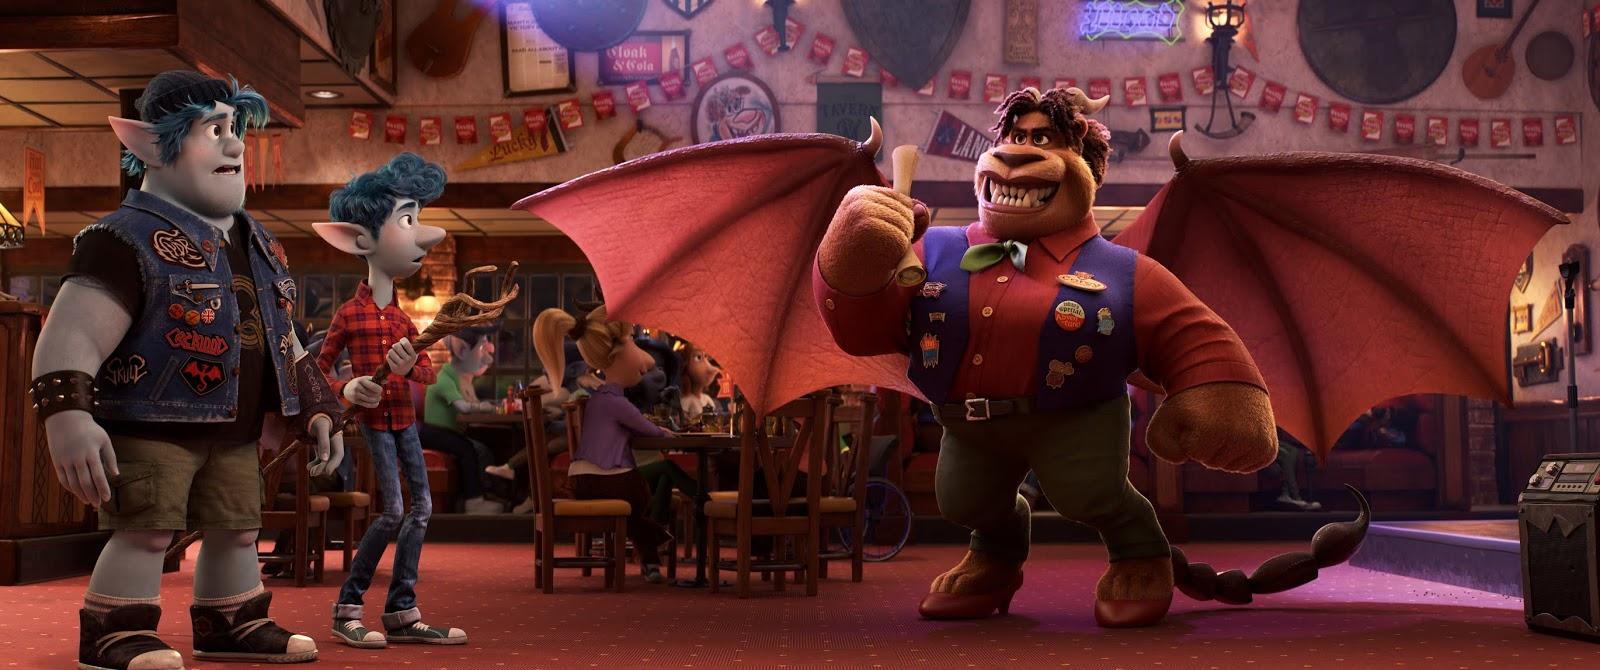 Pixar-Onward-Manticore.jpg